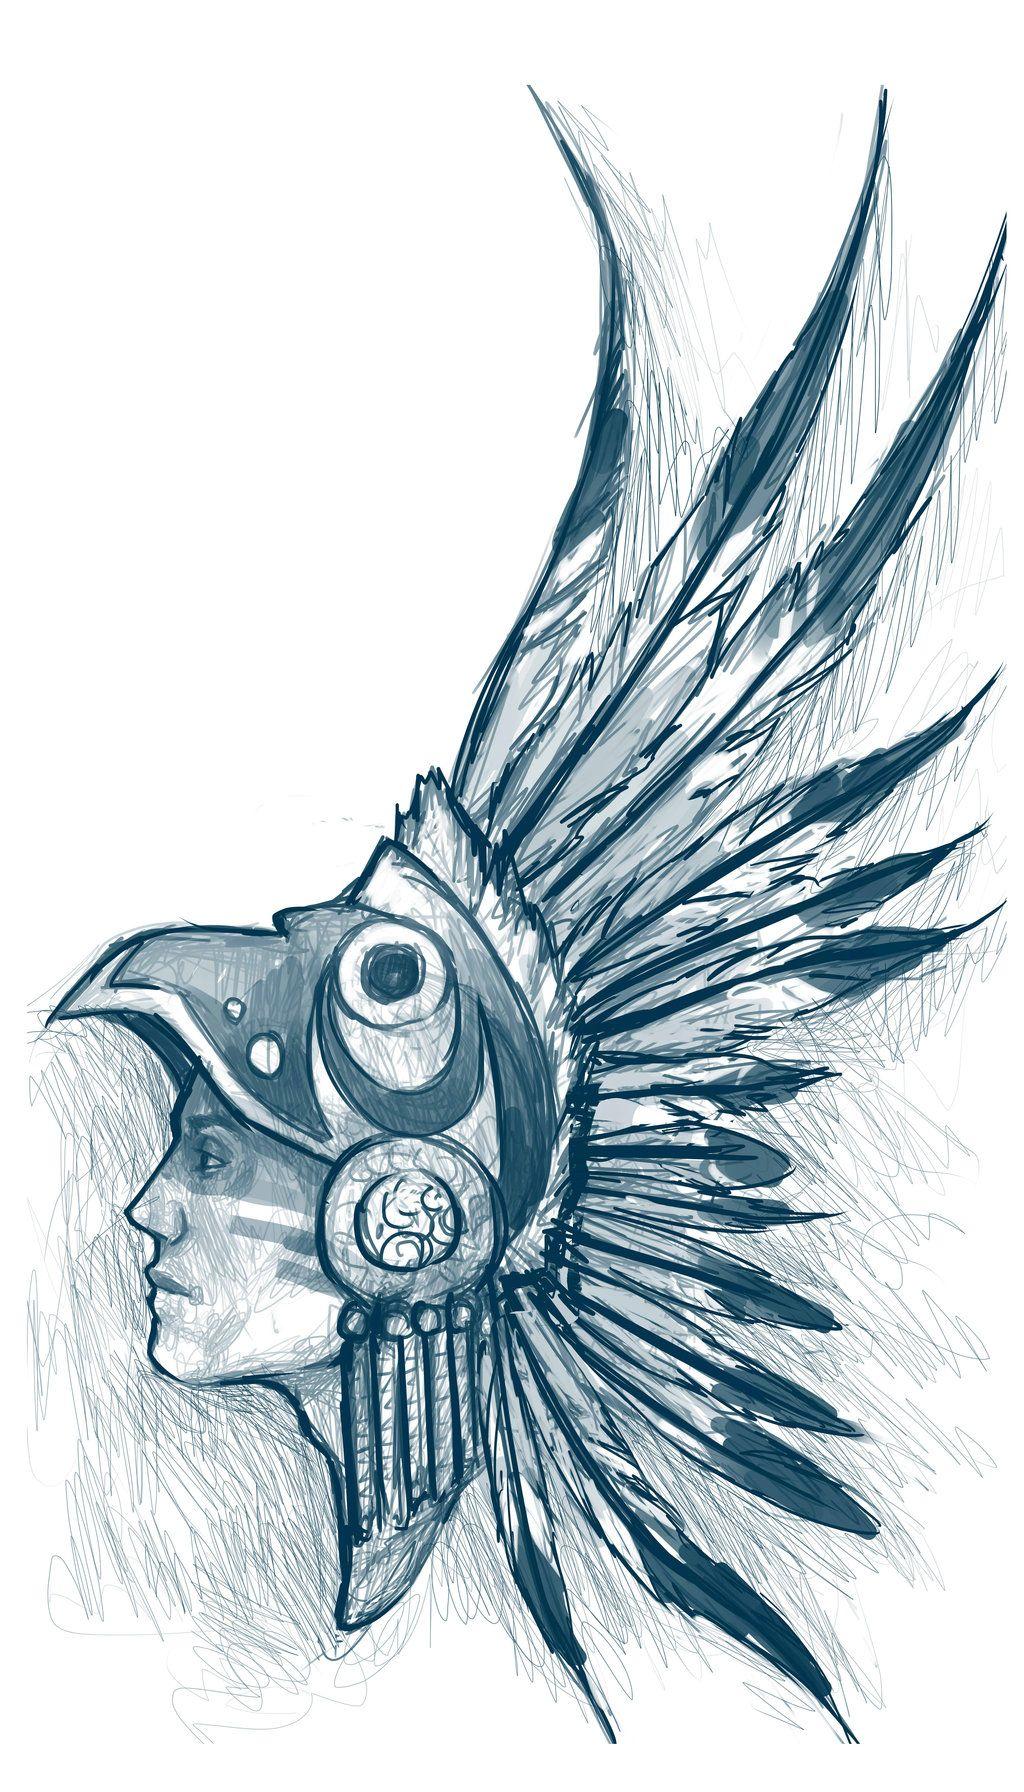 Aztec Warrior Head Drawing Aztec Warrior By Sam Tan Tatuajes De Guerreros Aztecas Arte Azteca Aztecas Dibujos